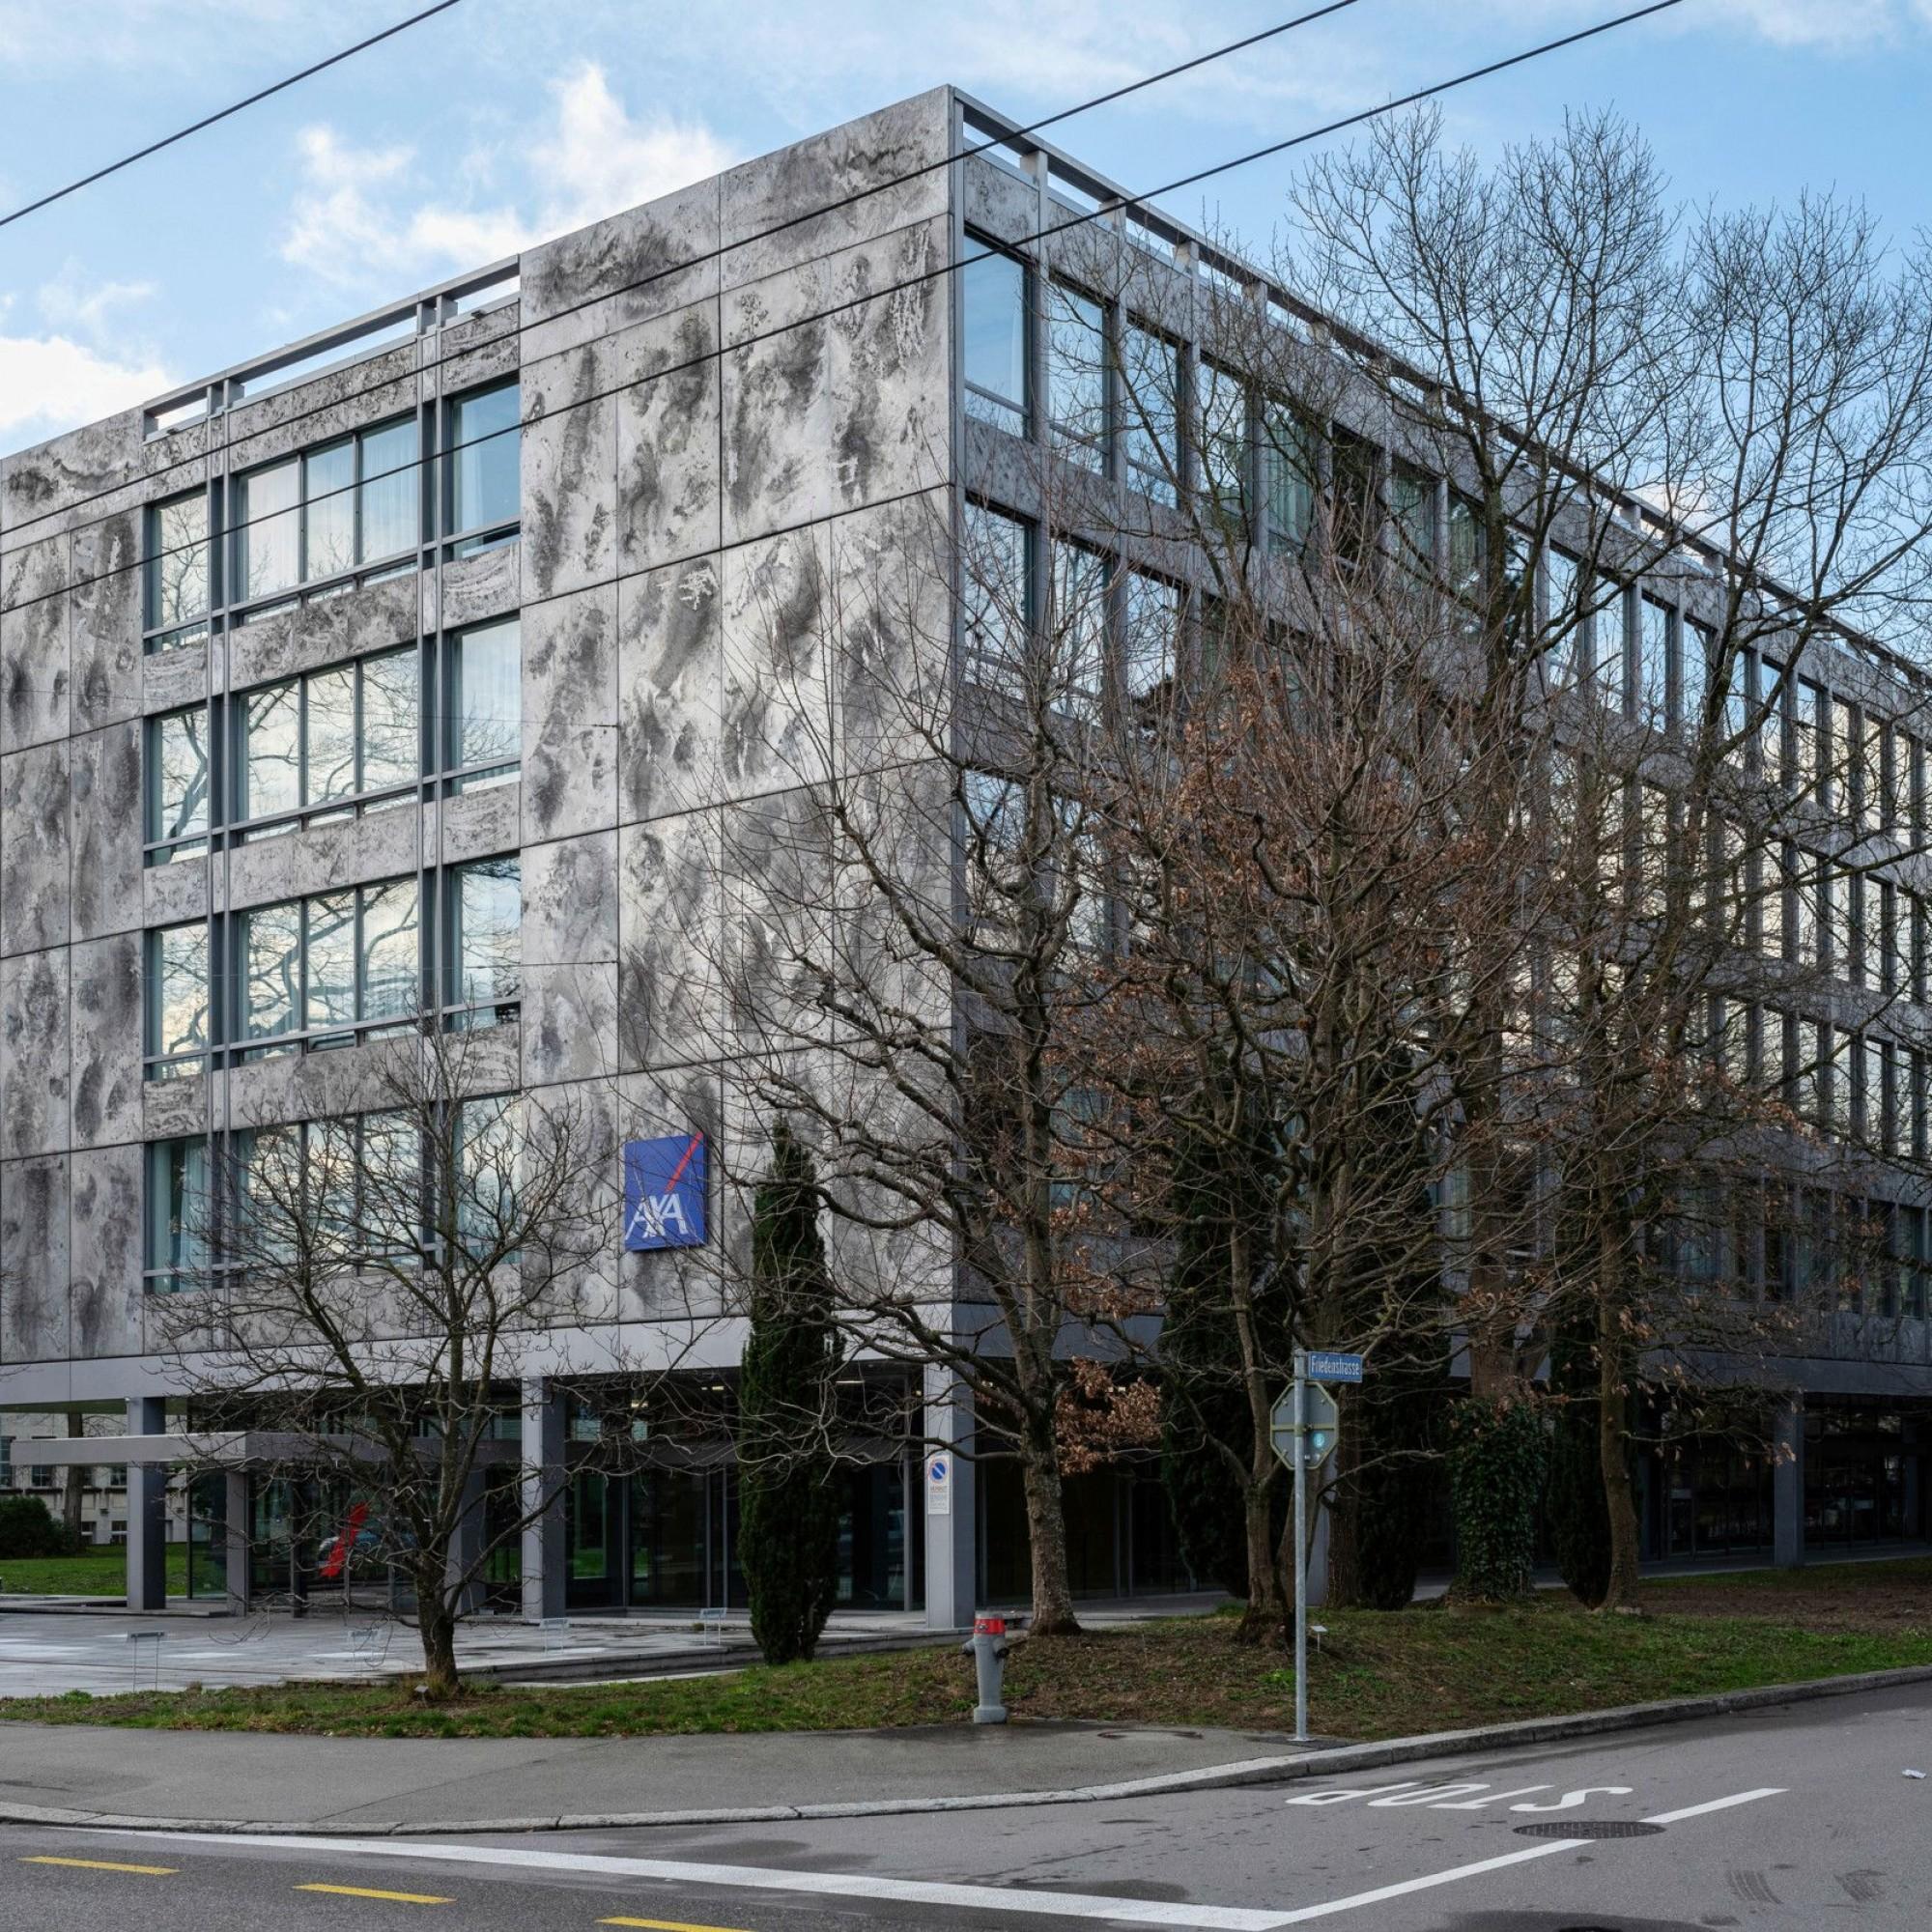 Axa-Bürogebäude